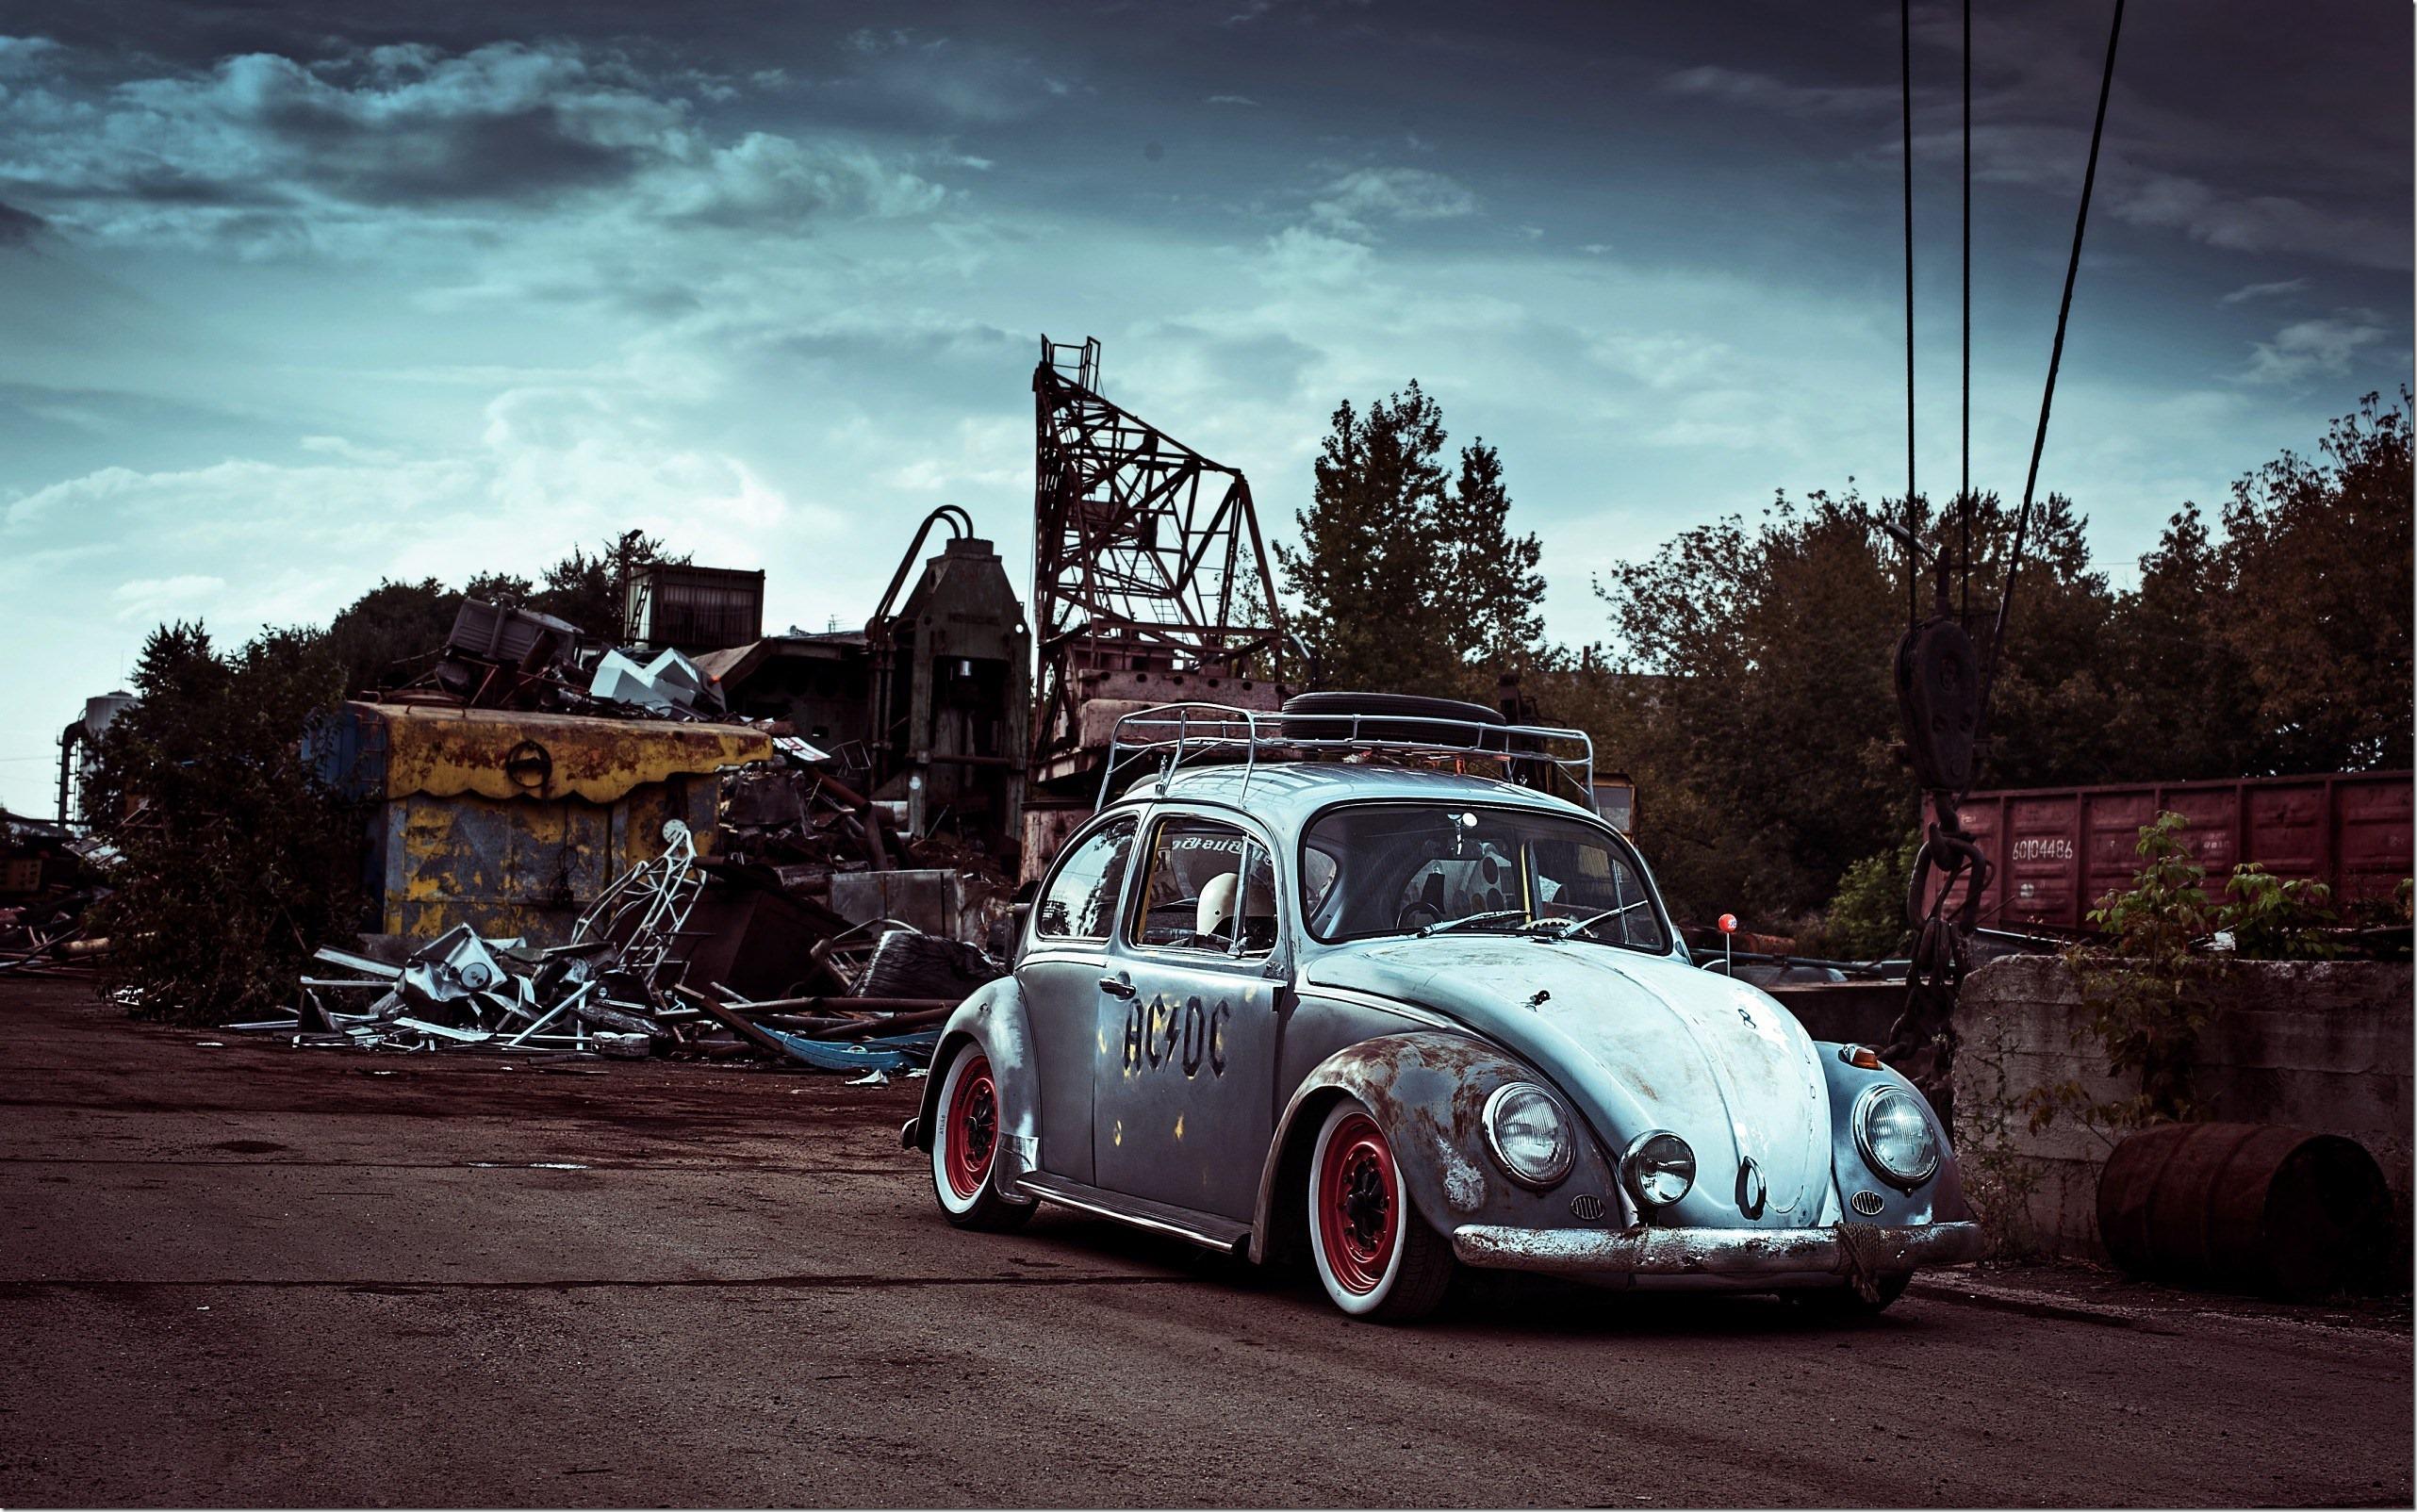 car volkswagen beetle hd wallpaper 2564x1604